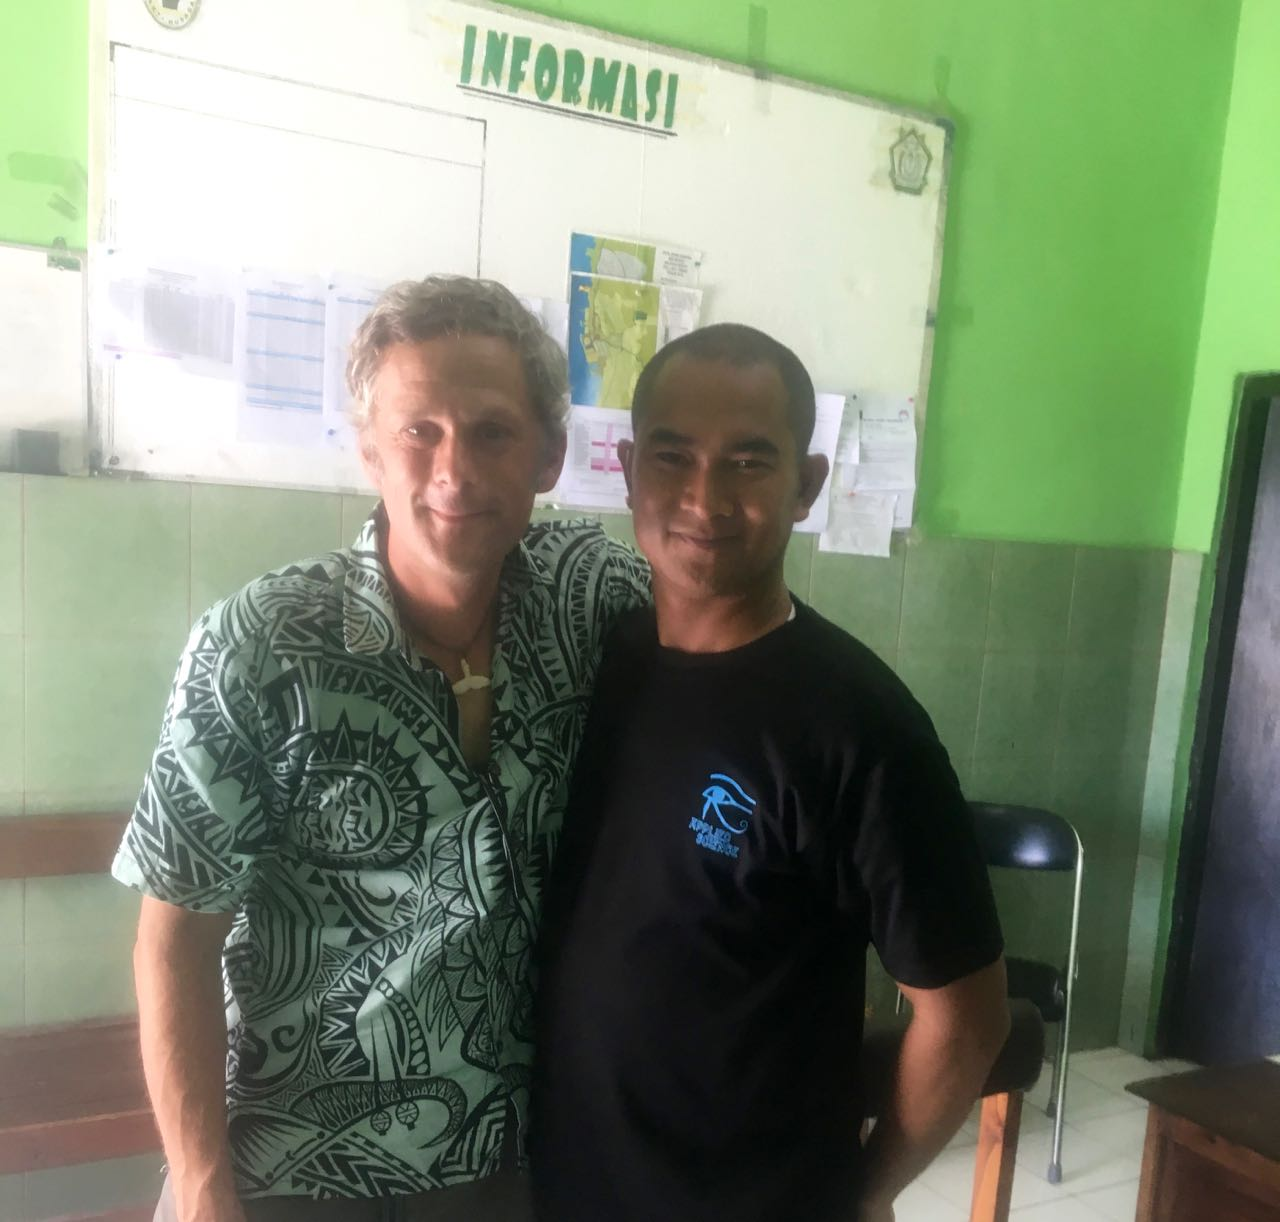 Der Quarantine Officer in Kupang Indonesien ist super freundlich und extrem entspannt